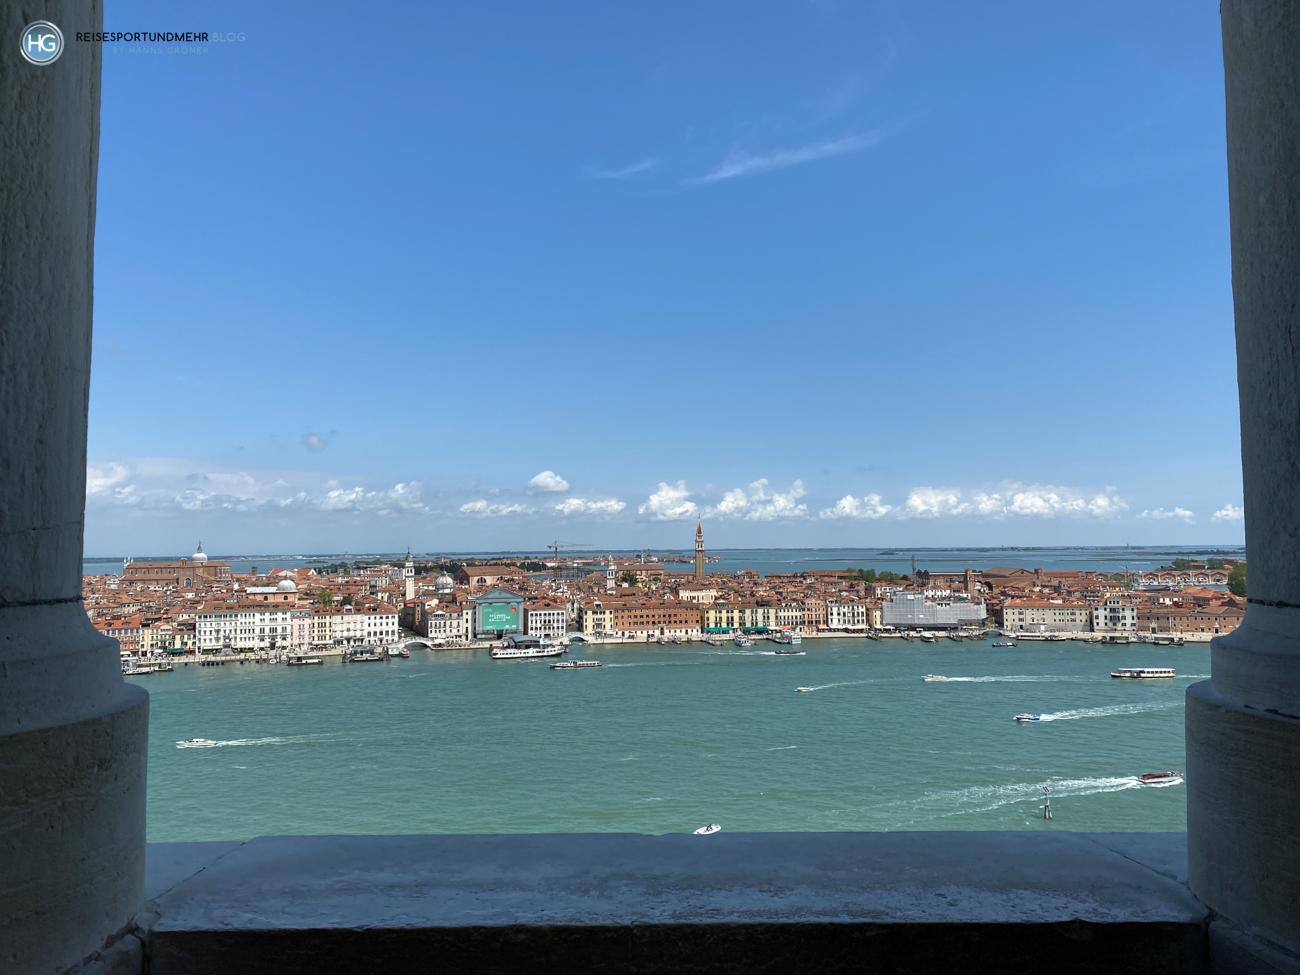 Venedig Pfingsten 2021 - wunderbare Aussicht vom Glockenturm San Giorgio Richtung Pietá und Murano (Foto: Hanns Gröner)